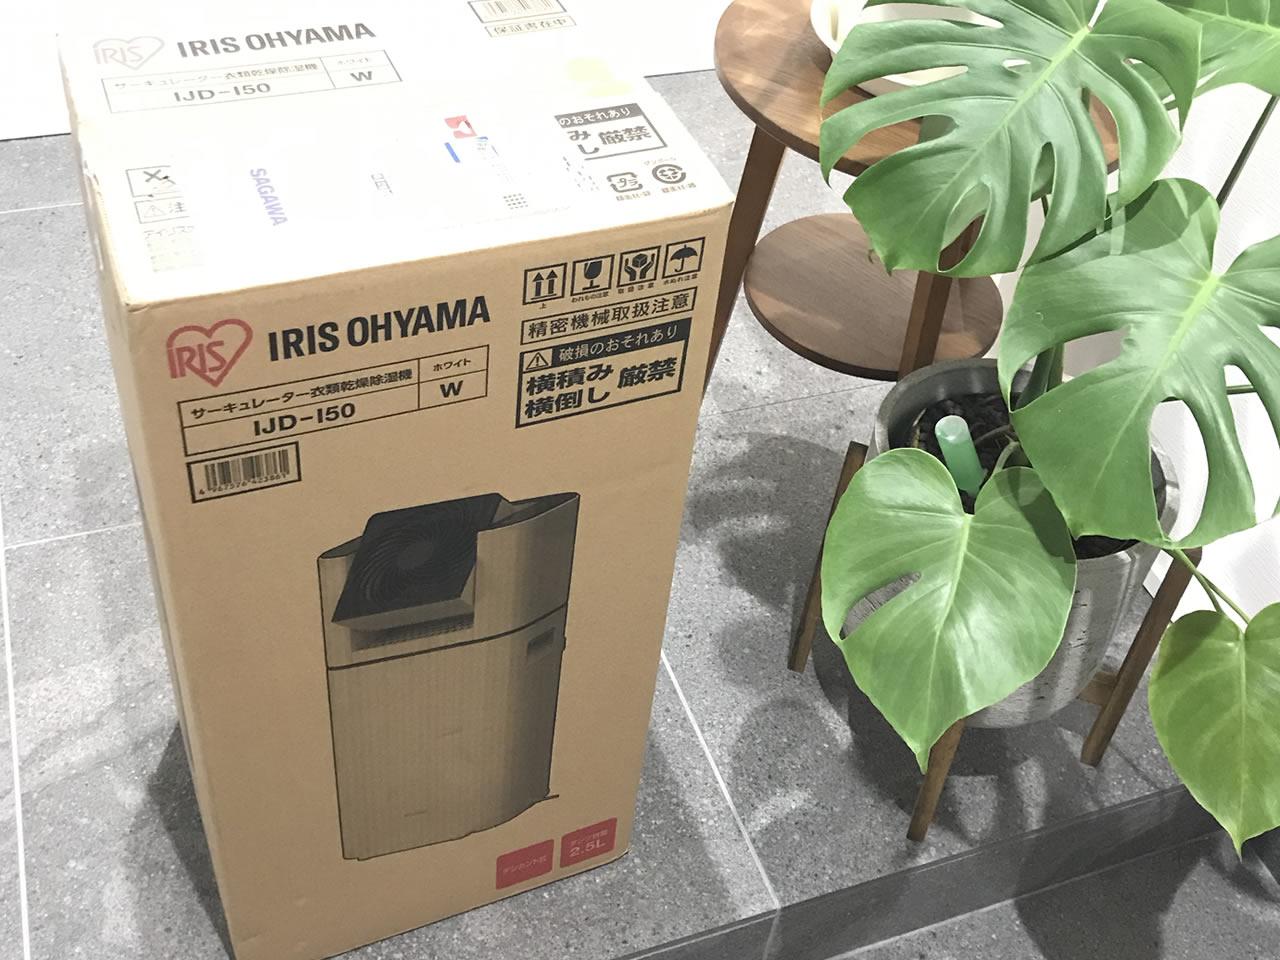 楽天市場でアイリスオーヤマの除湿機・サーキュレーター衣類乾燥機IJD-150を購入